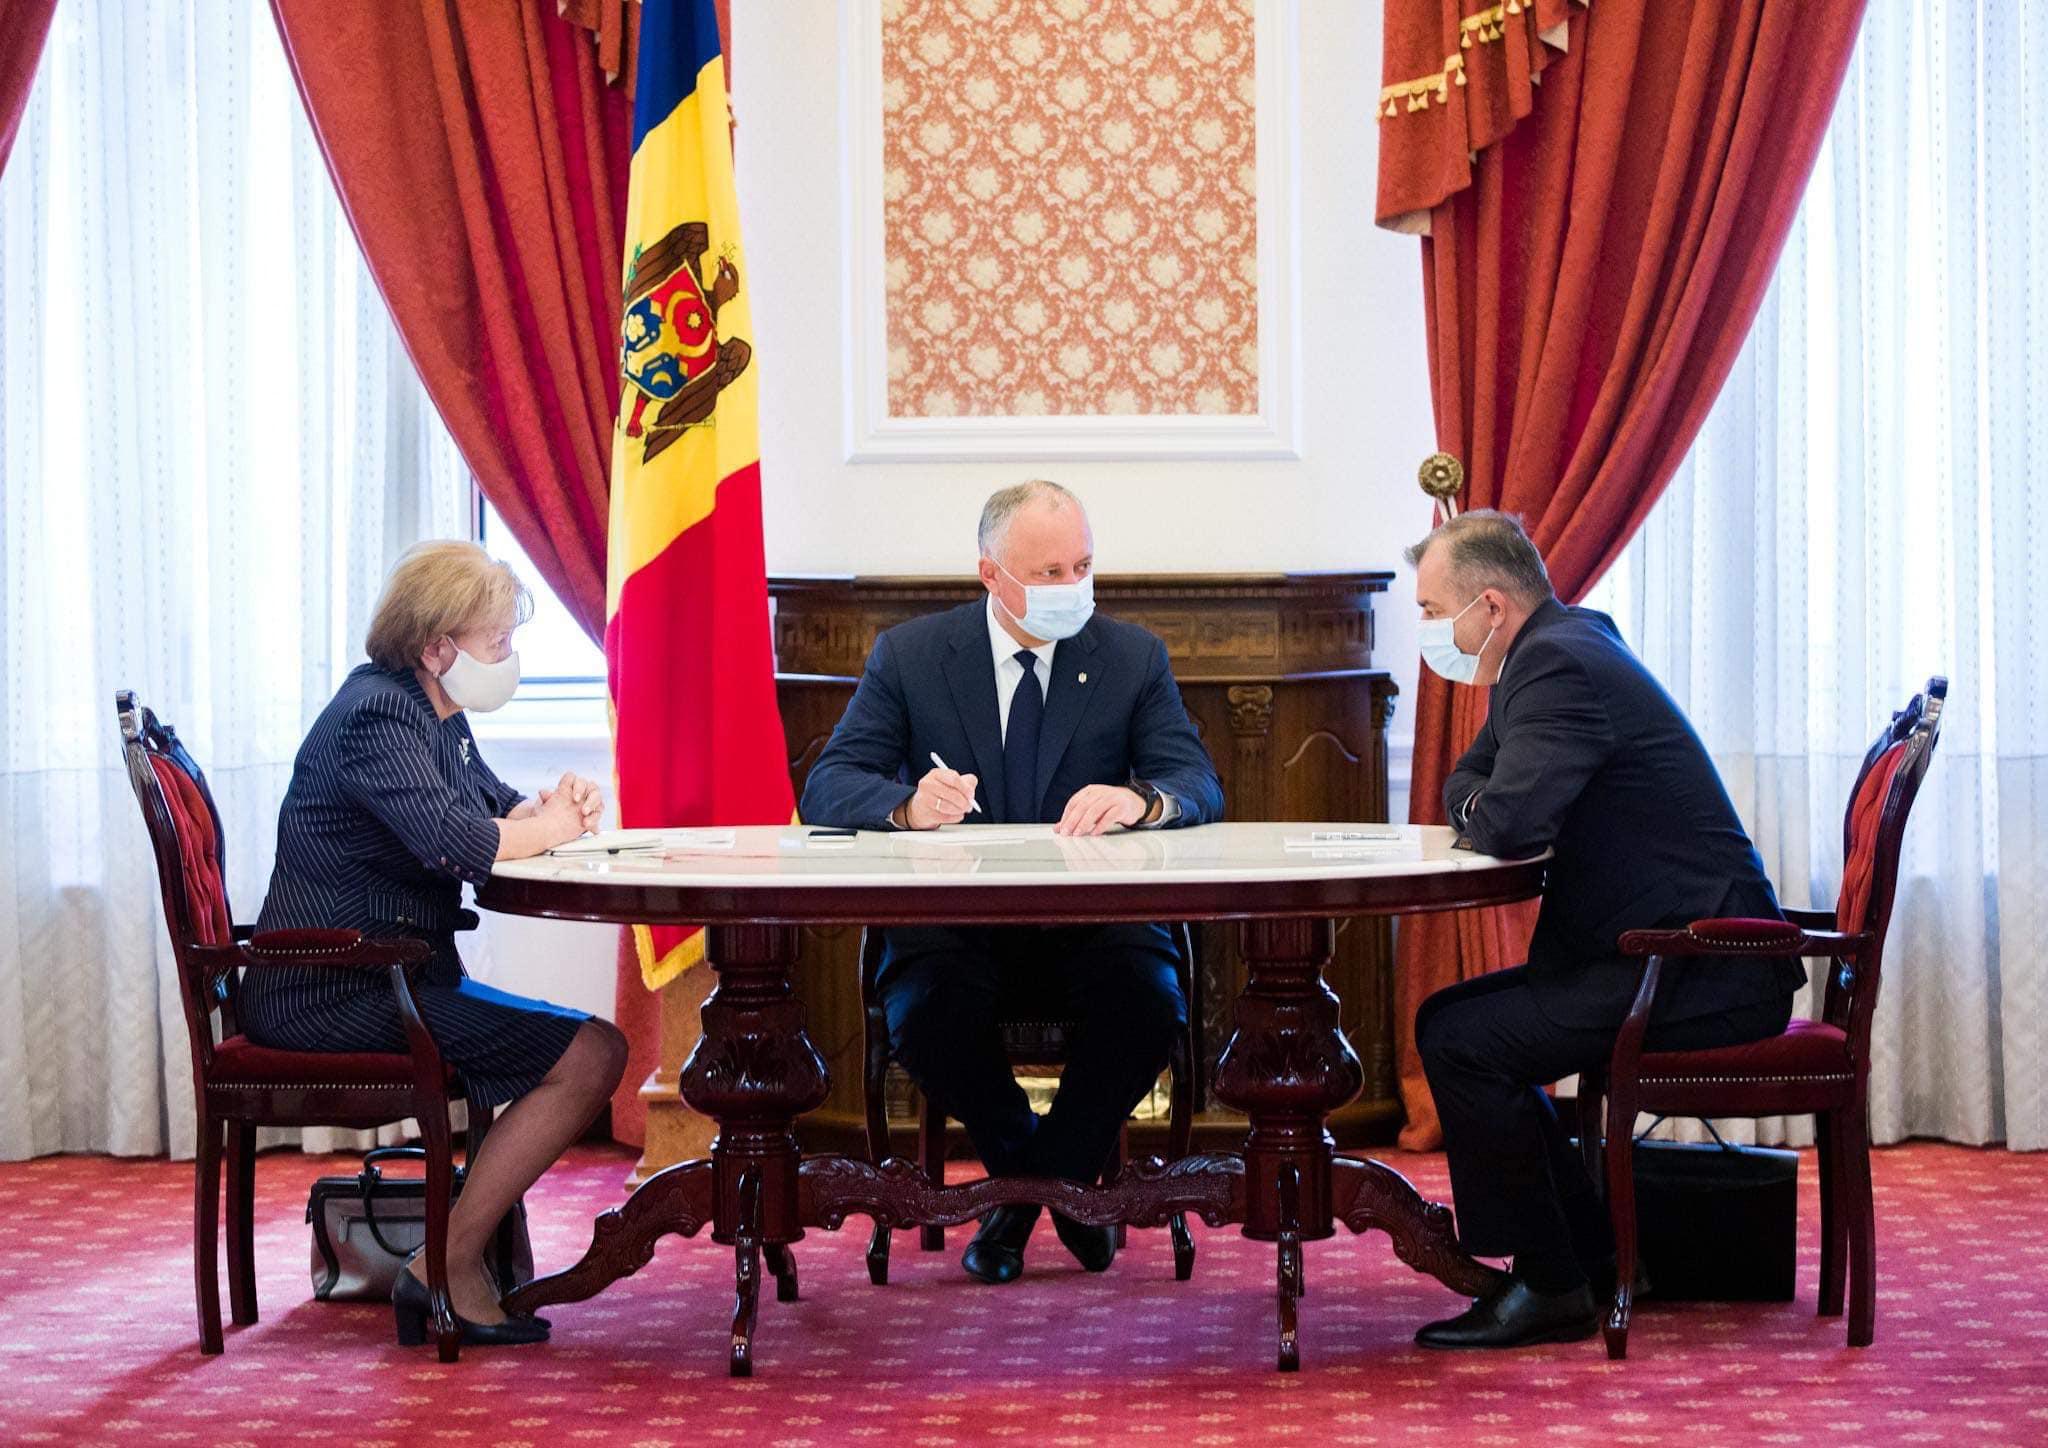 Заседание руководства страны: главные темы (ФОТО, ВИДЕО)